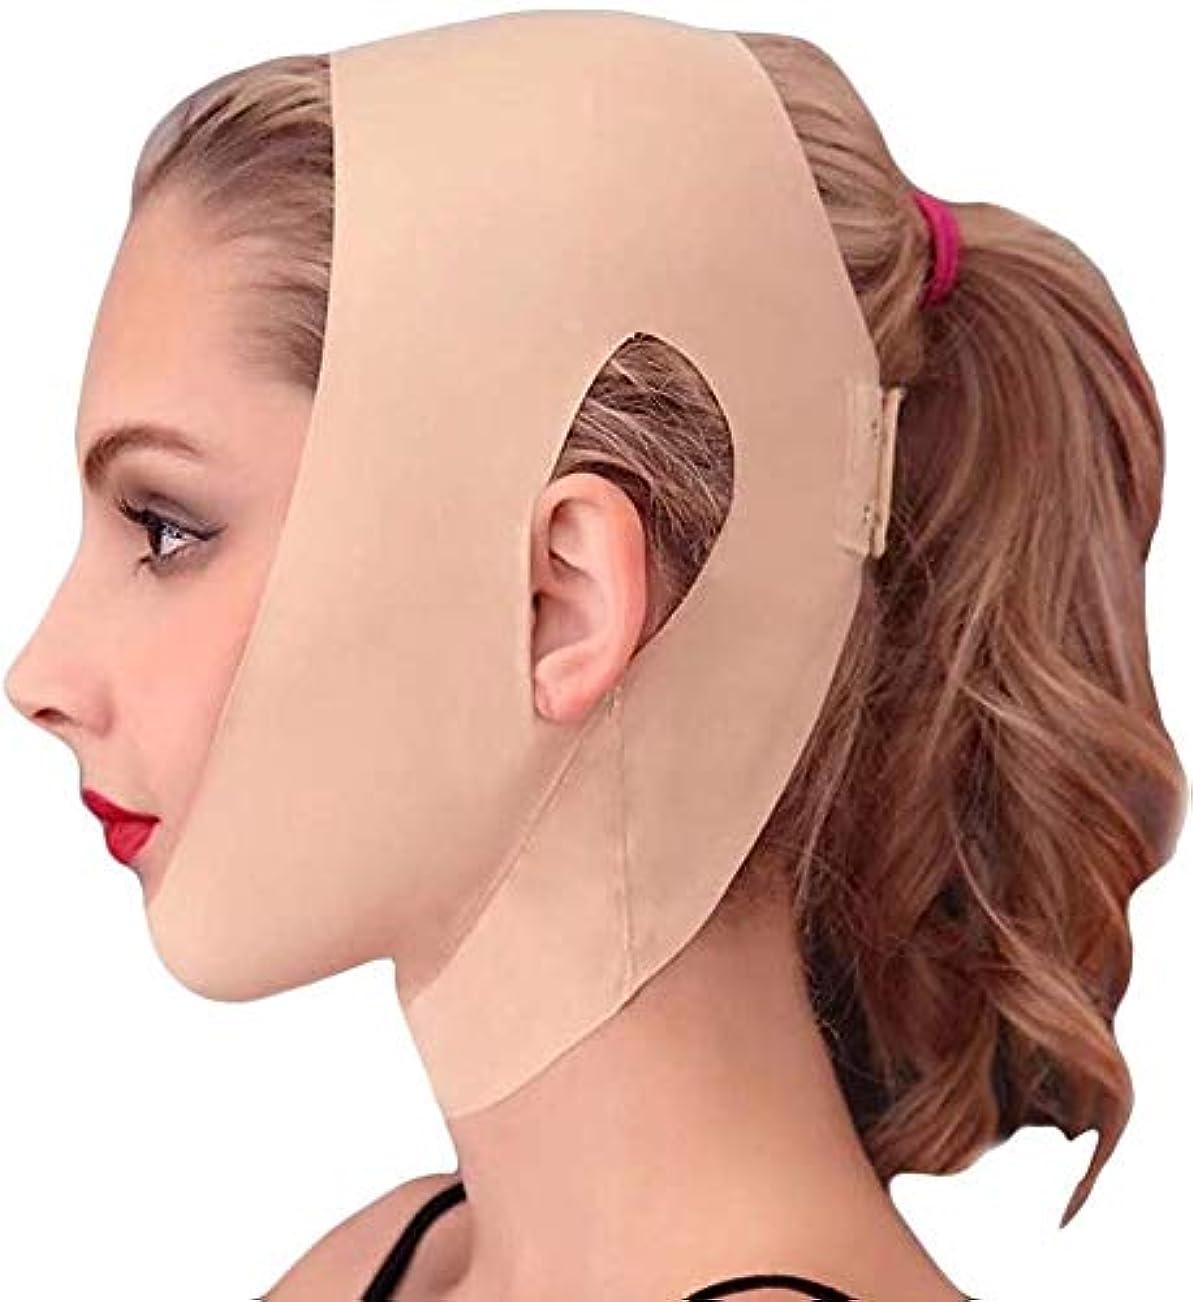 トレーニングドナウ川ヒュームHEMFV フェイスリフト、チンリフト、顔の減量ベルト